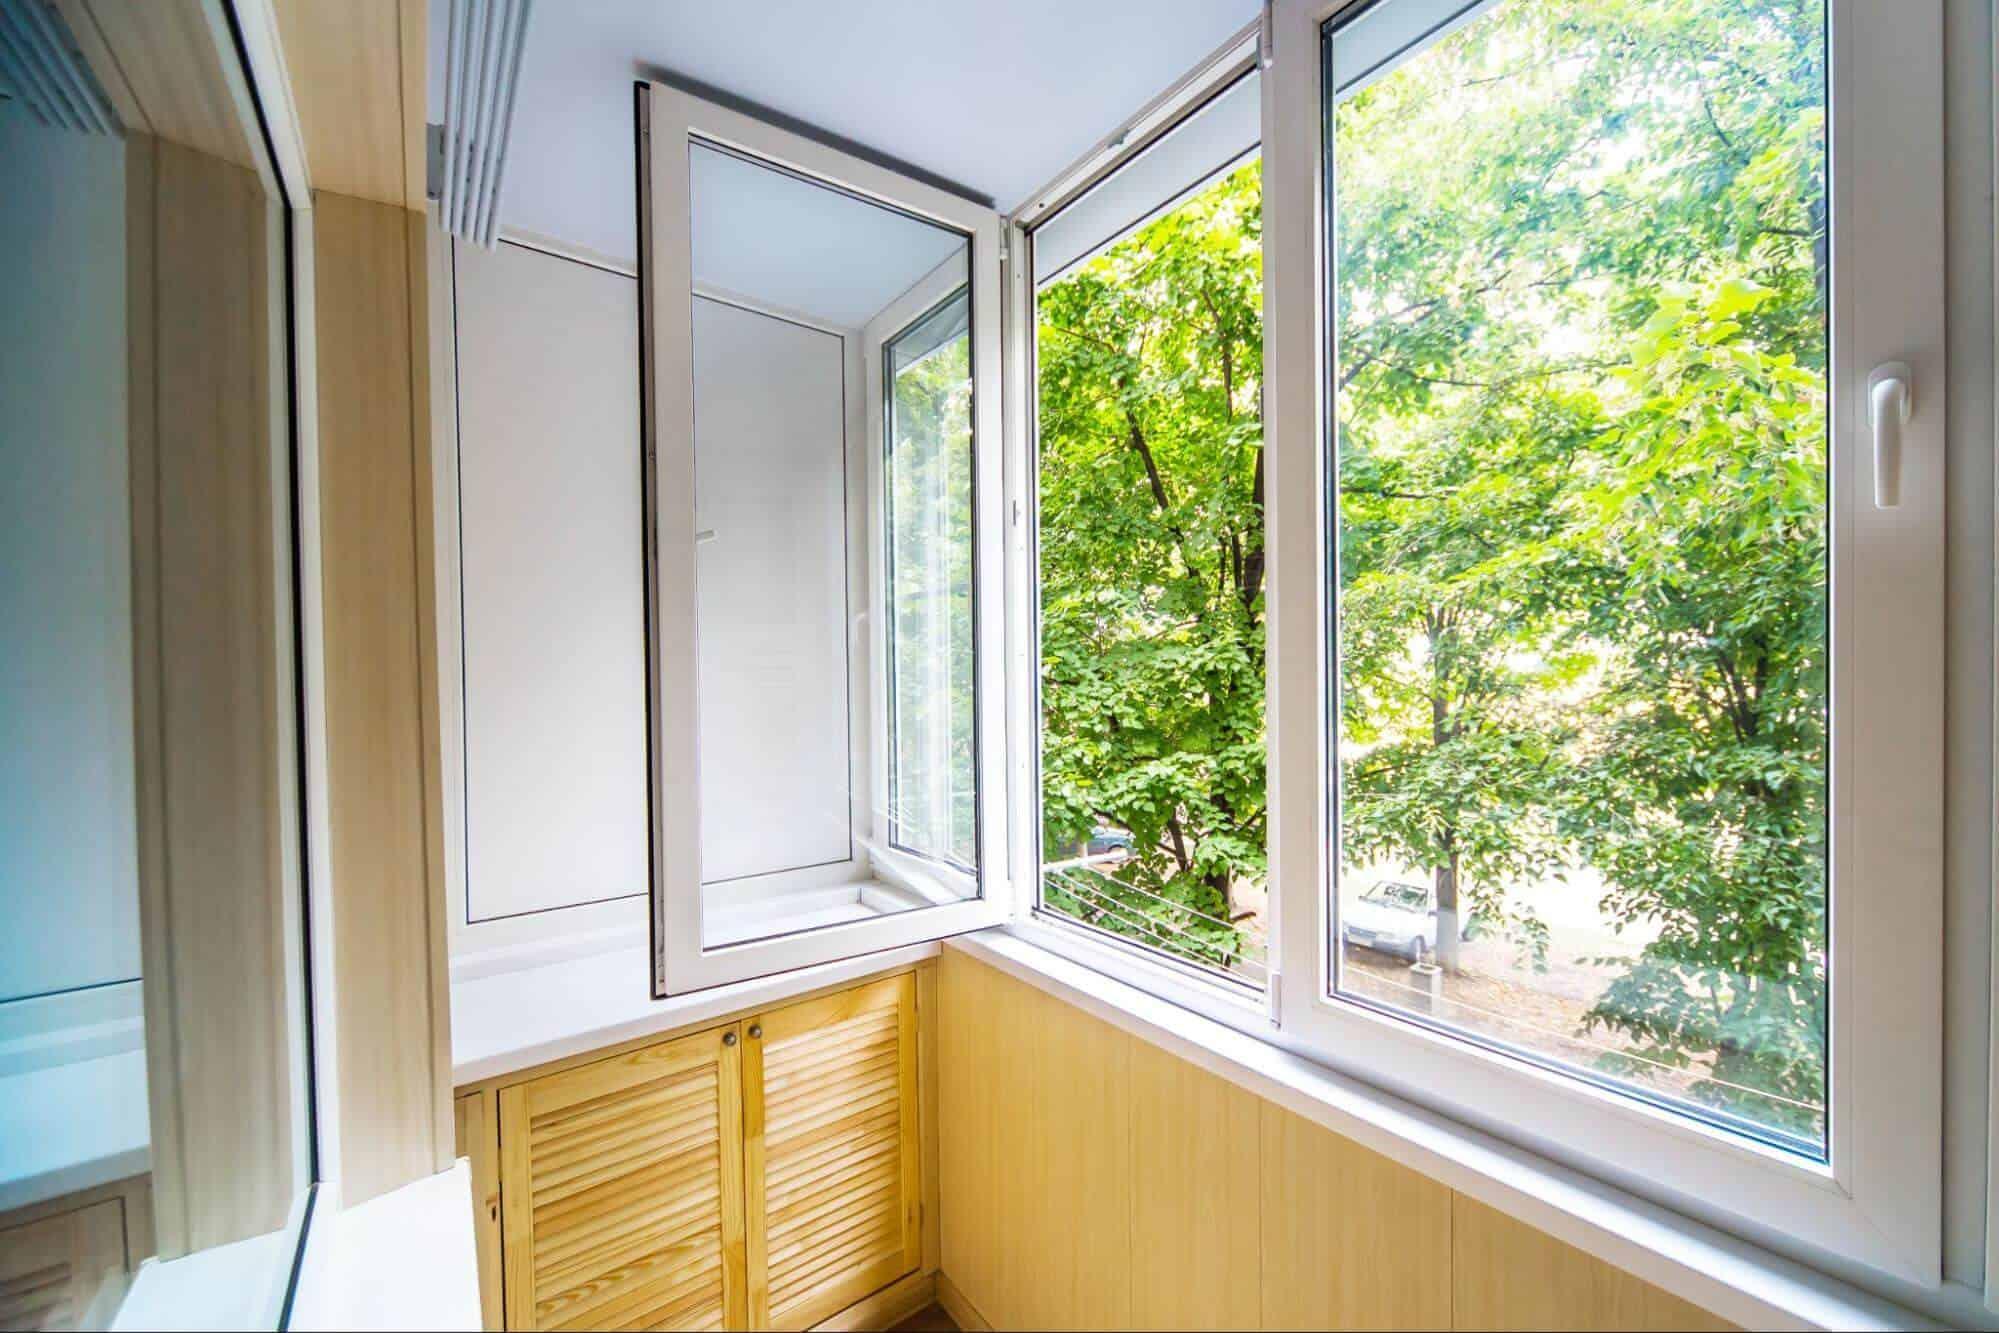 A set of open casement windows